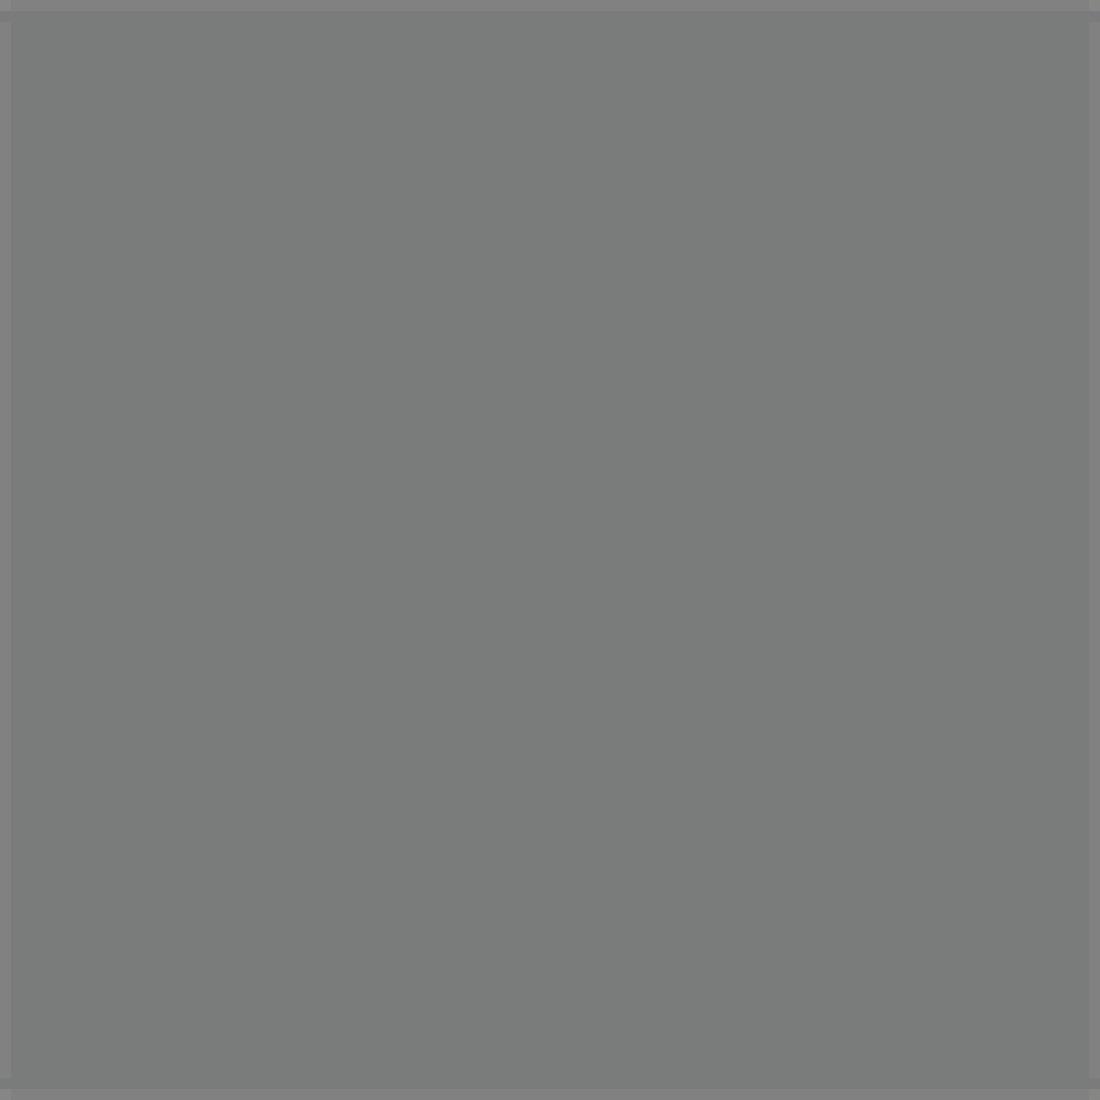 Trespa® Izeon® HPL Plaat EZ Grijs dusty RAL7037 Enkelzijdig folie 3050x1530x6mm